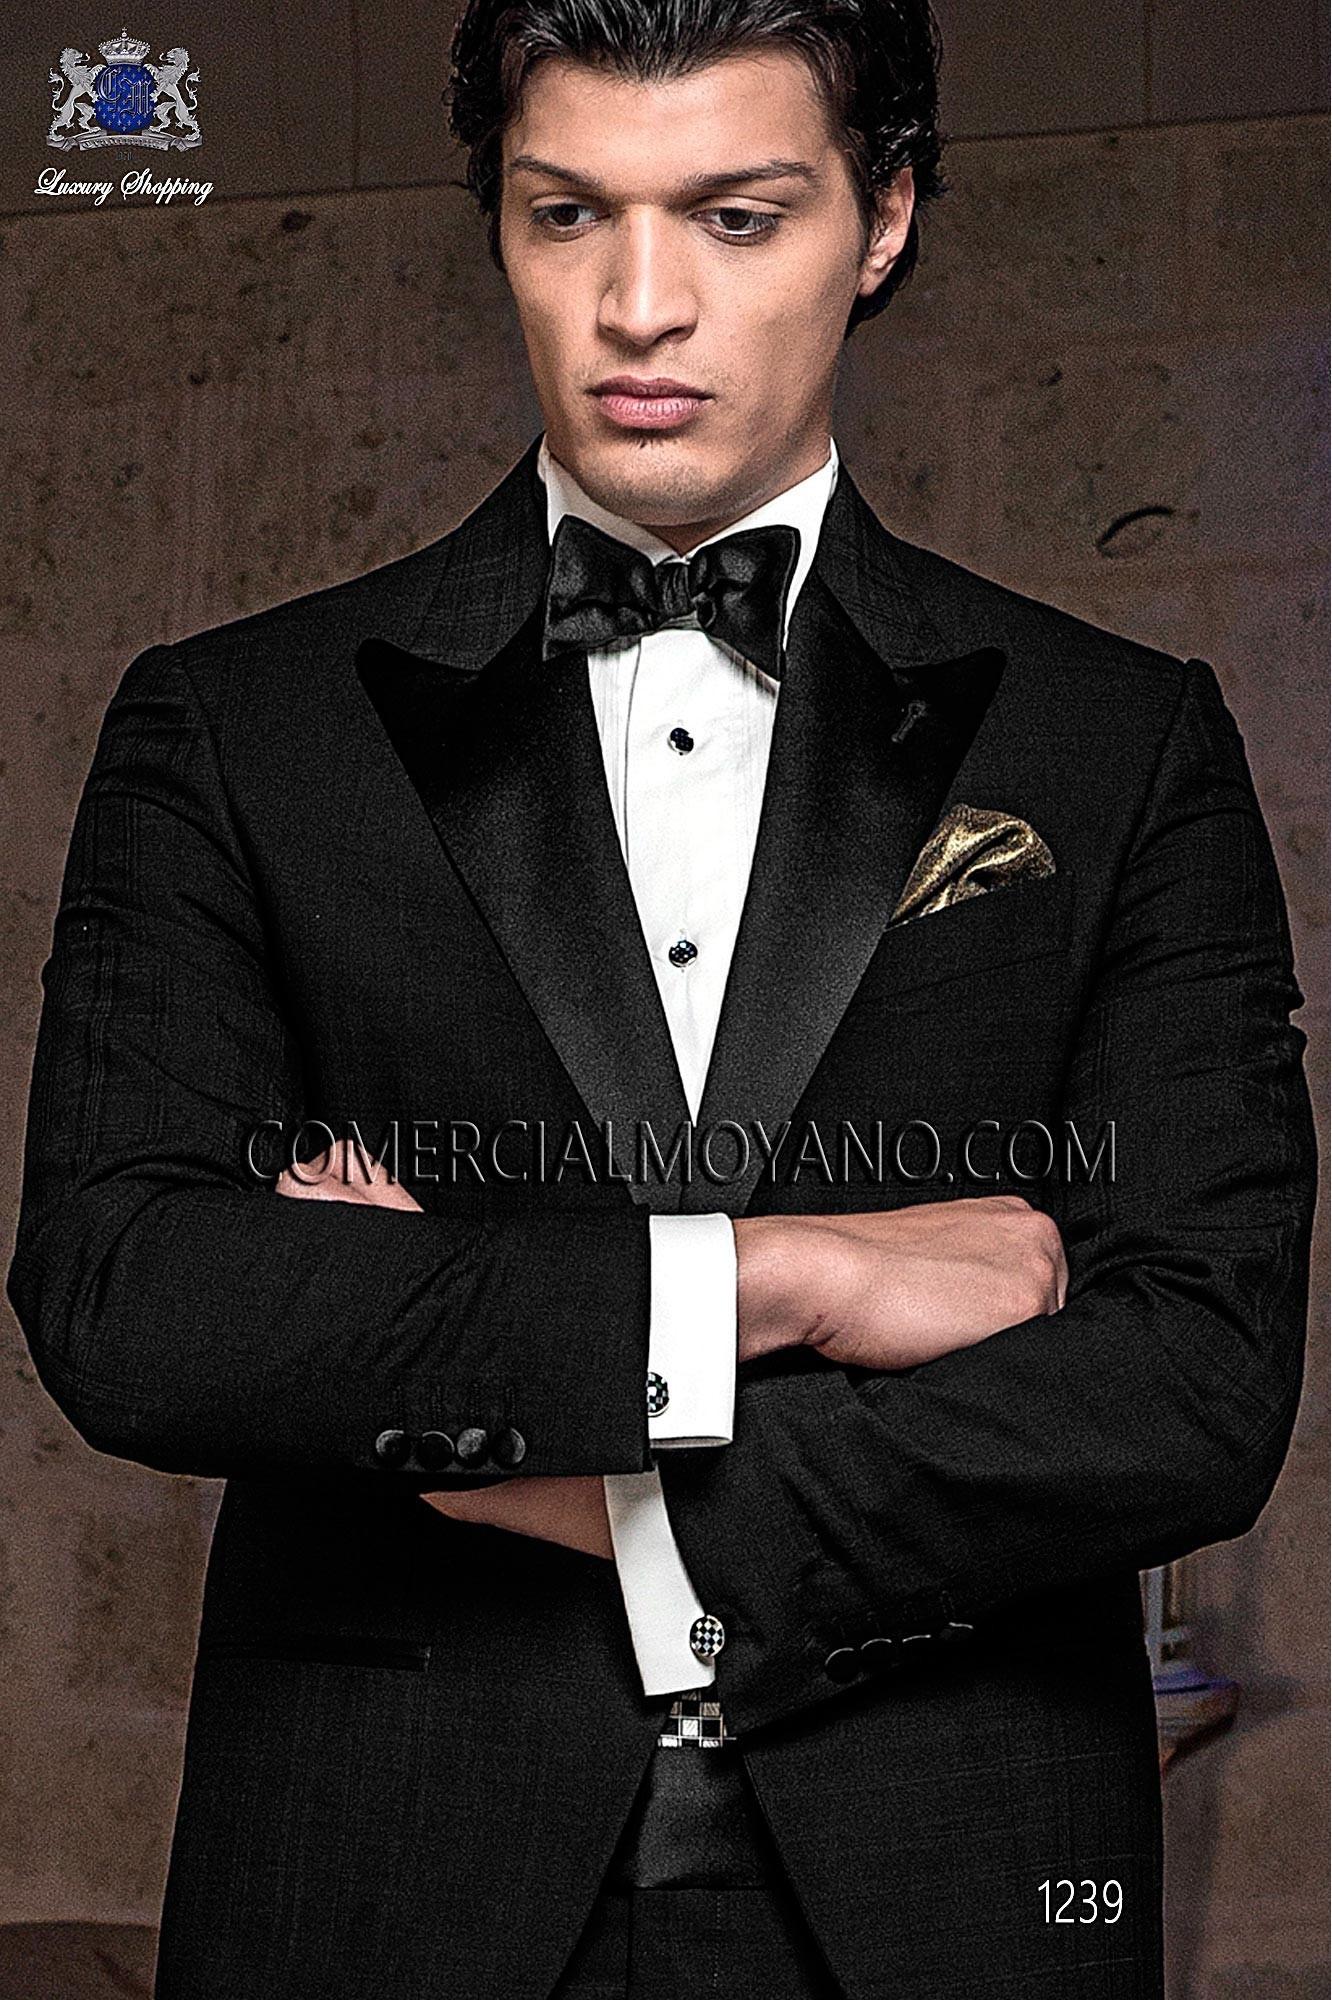 Italian Blacktie Black Men Wedding Suit Model 1239 Ottavio Nuccio Gala Tie Collection